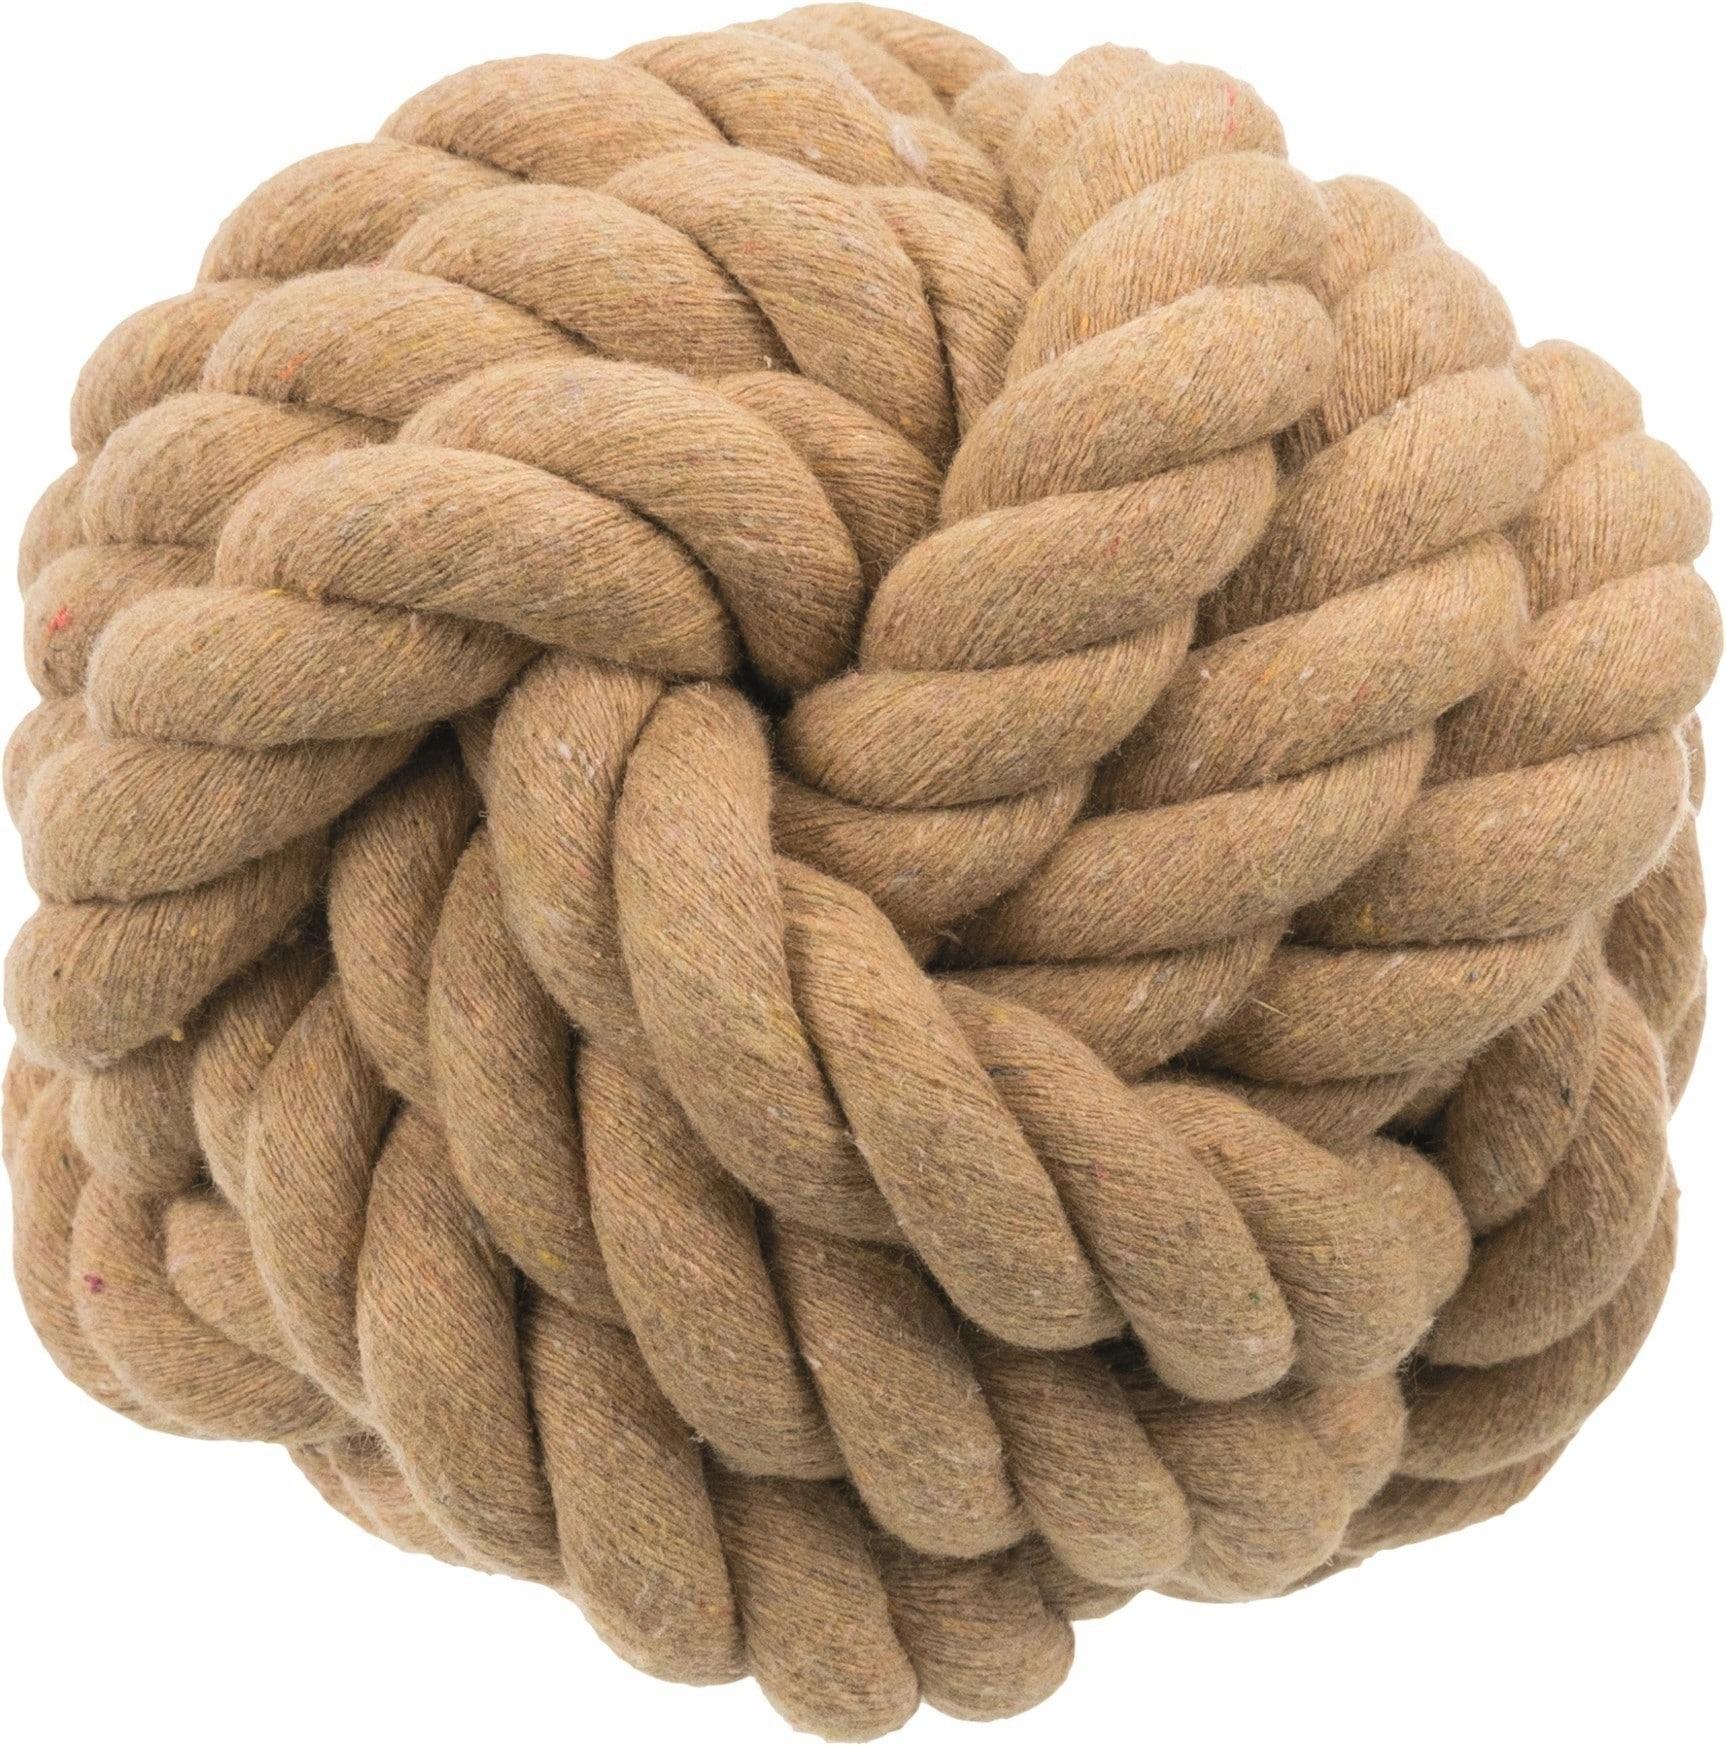 Piłka sznurowa Be Nordic, o 18 cm - 2 zdjęcie